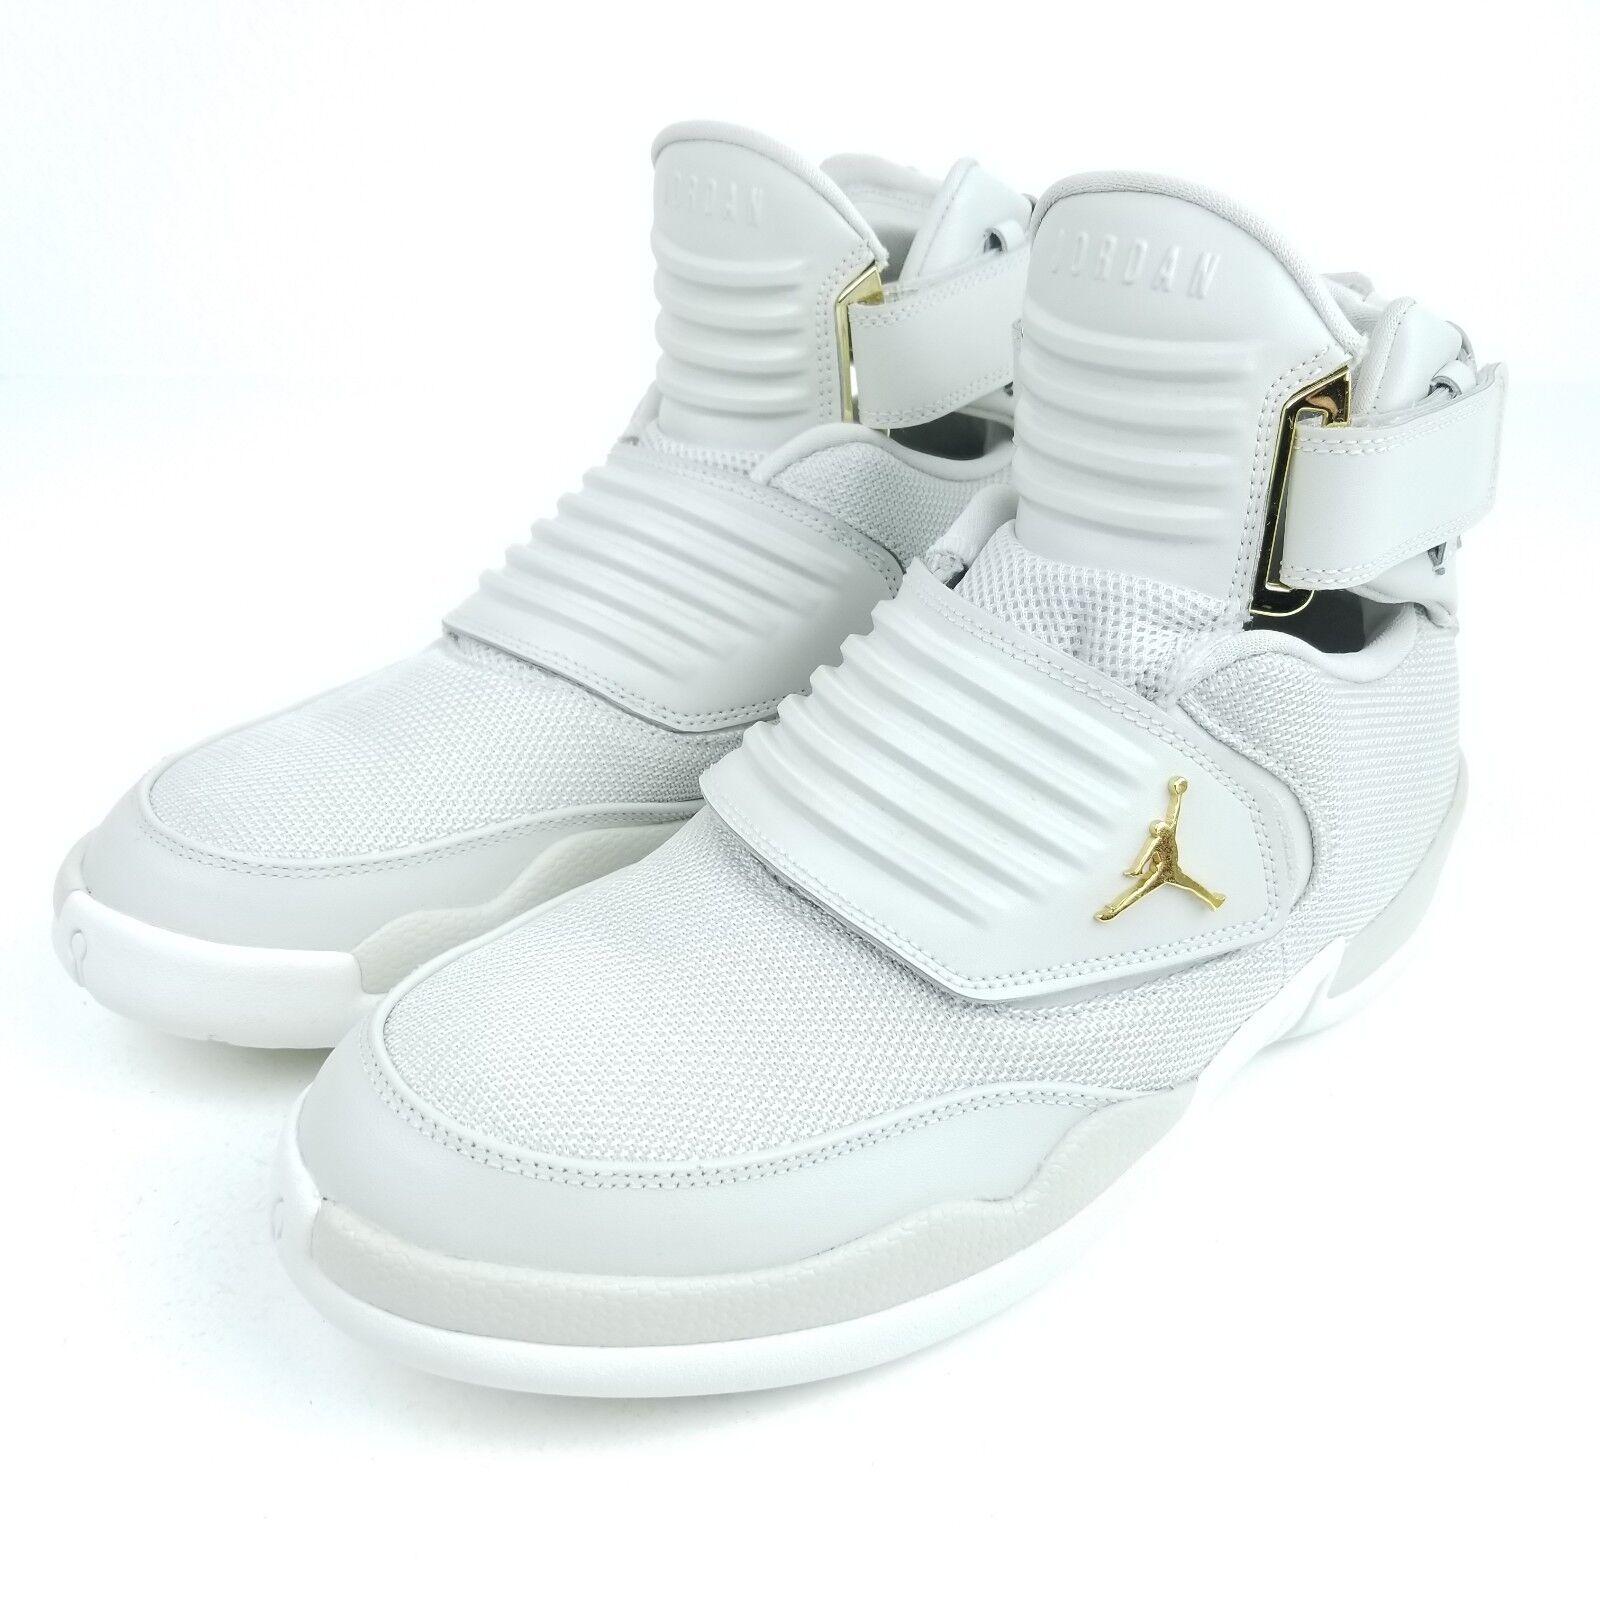 Nike - schuhe in größe 10 23 herren - basketball - generation leichte knochen aa1294 005